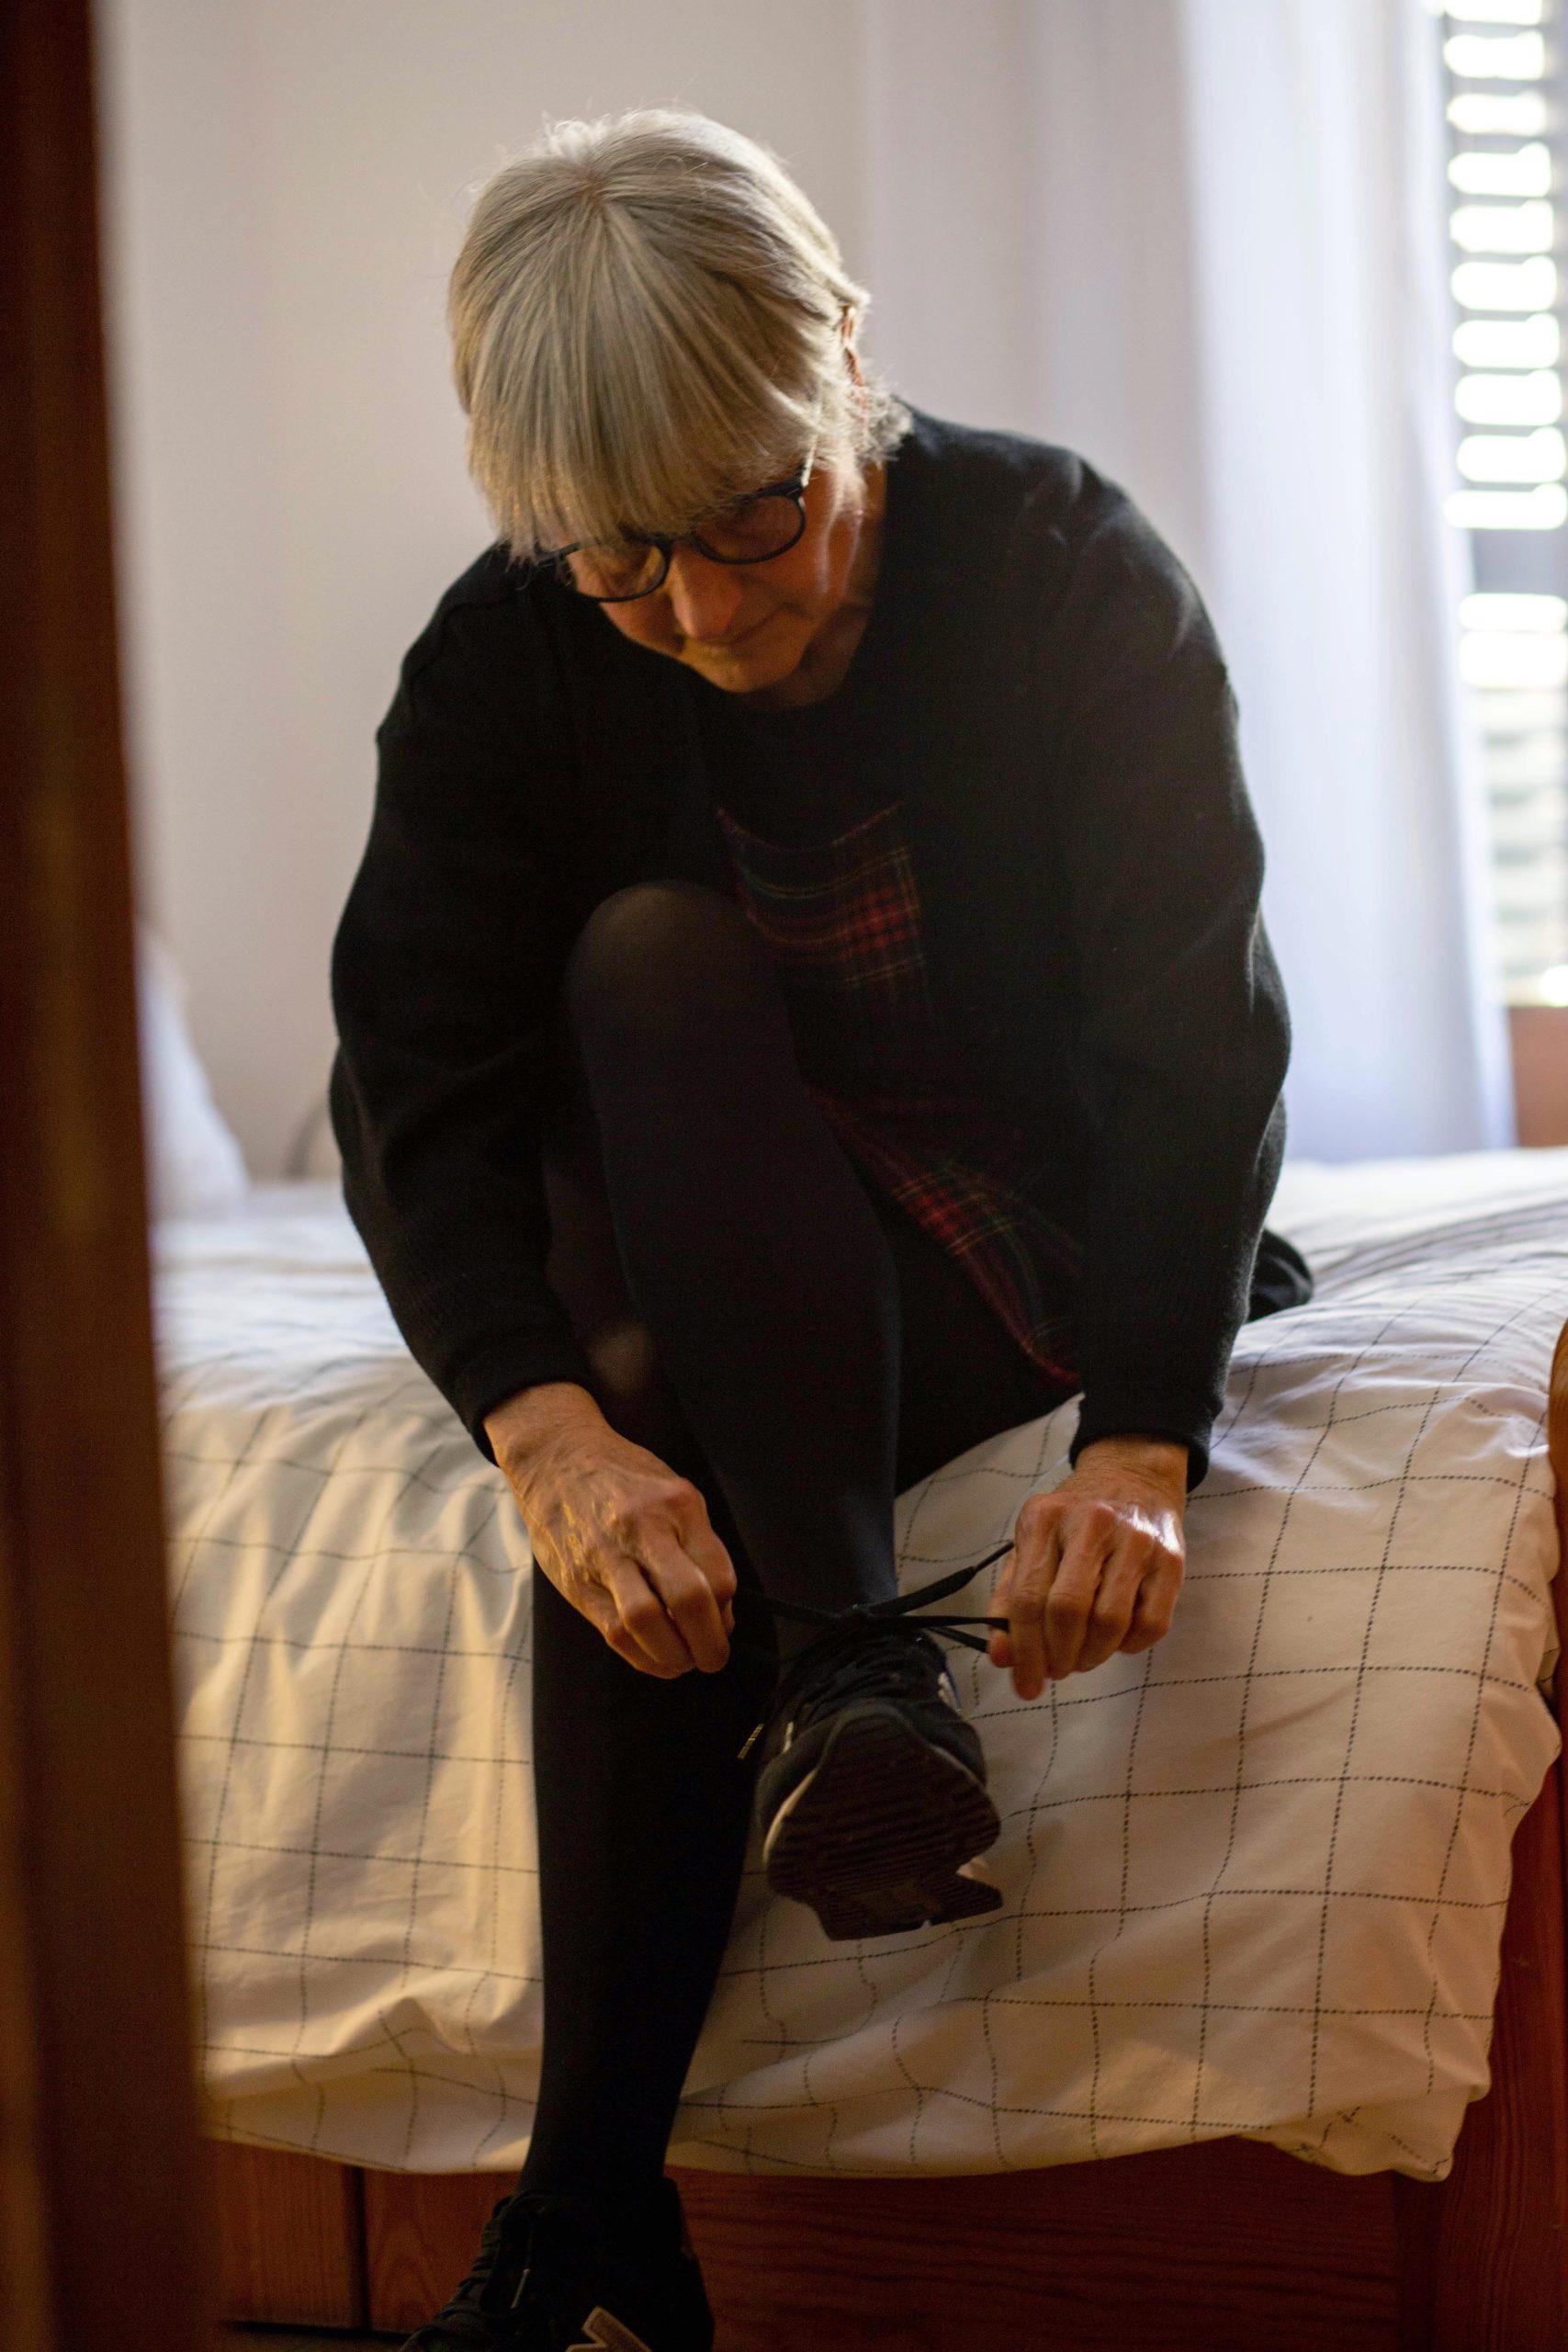 Vista general d'una dona cordant-se les sabates asseguda al llit